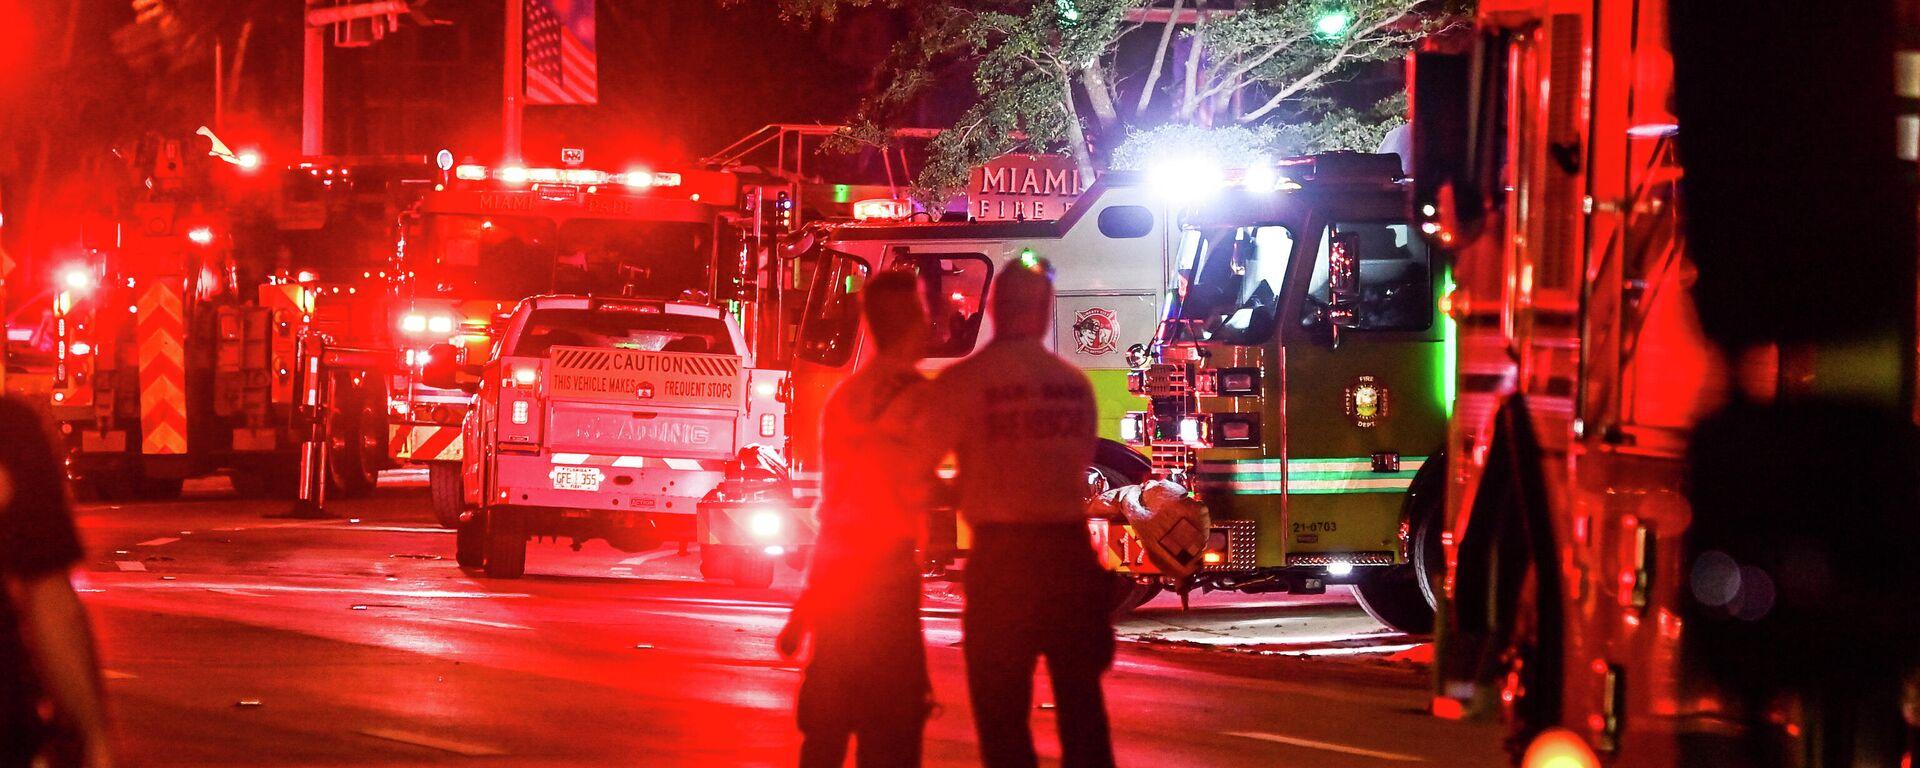 Rescatistas y vehículos que llegaron a Champlain Towers, el edificio que colapsó en Miami, Florida, en la noche del 24 de junio, 2021 - Sputnik Mundo, 1920, 25.06.2021